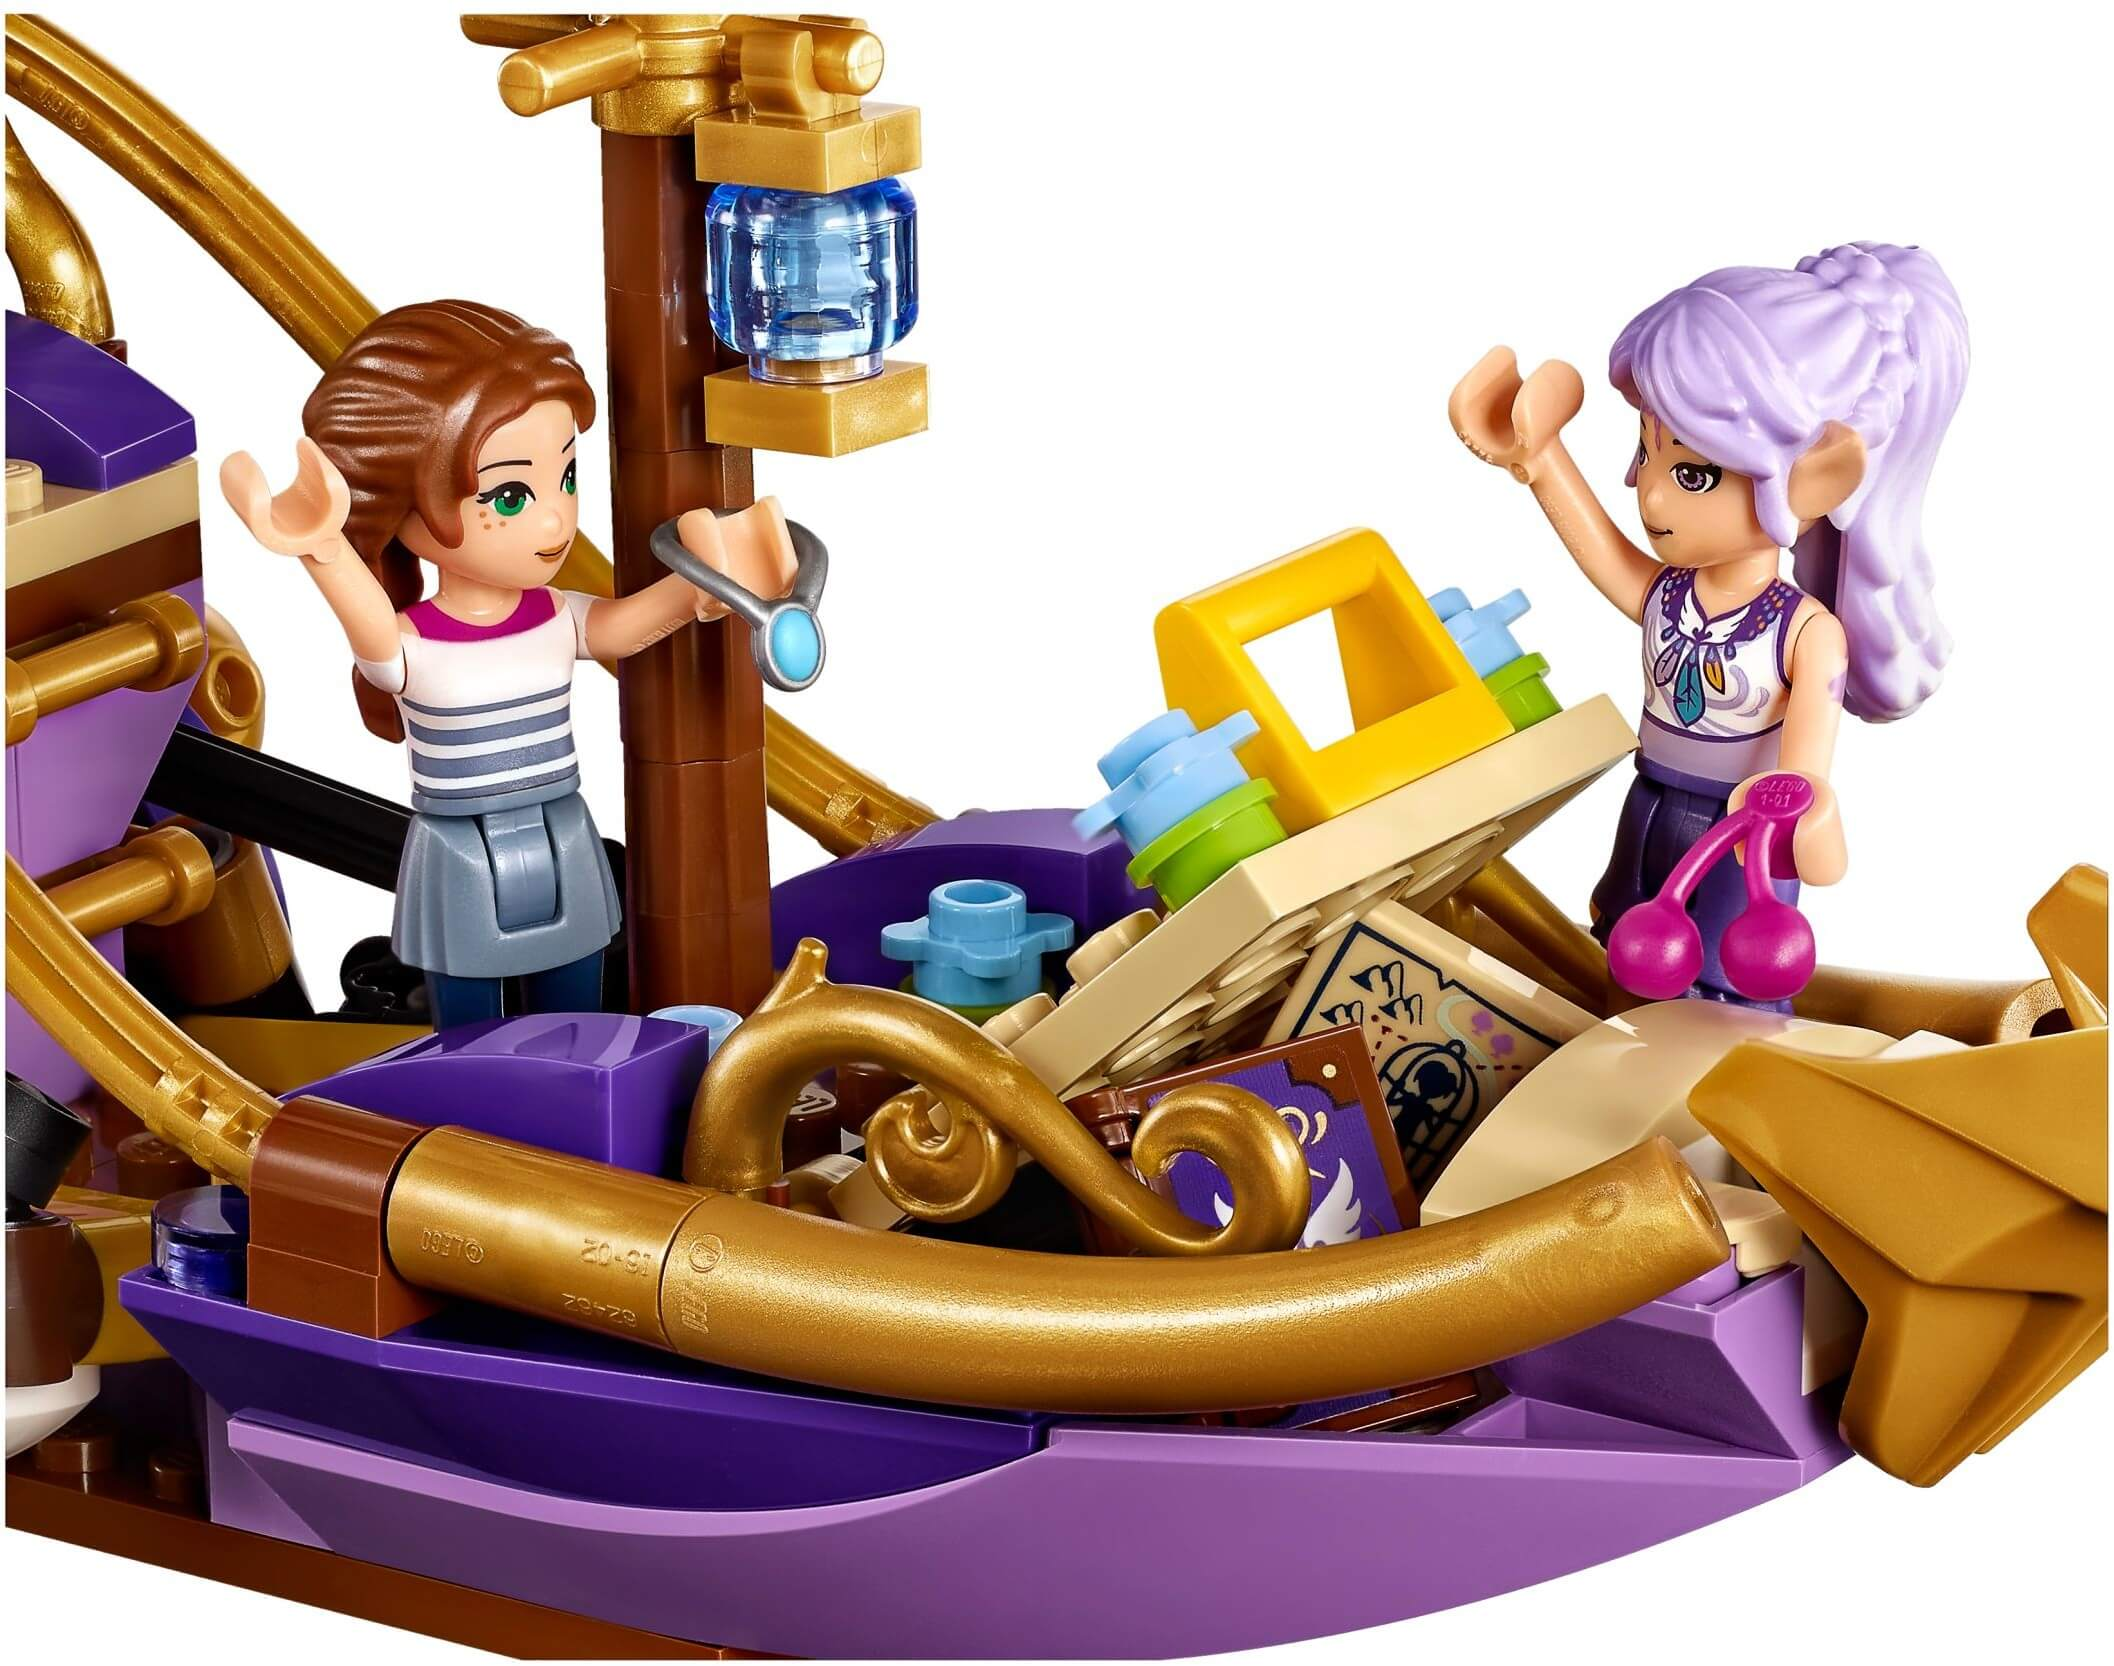 Mua đồ chơi LEGO 41184 - LEGO 41184 - Khinh Khí Cầu của Aira (LEGO Elves Aira's Airship & the Amulet Chase)